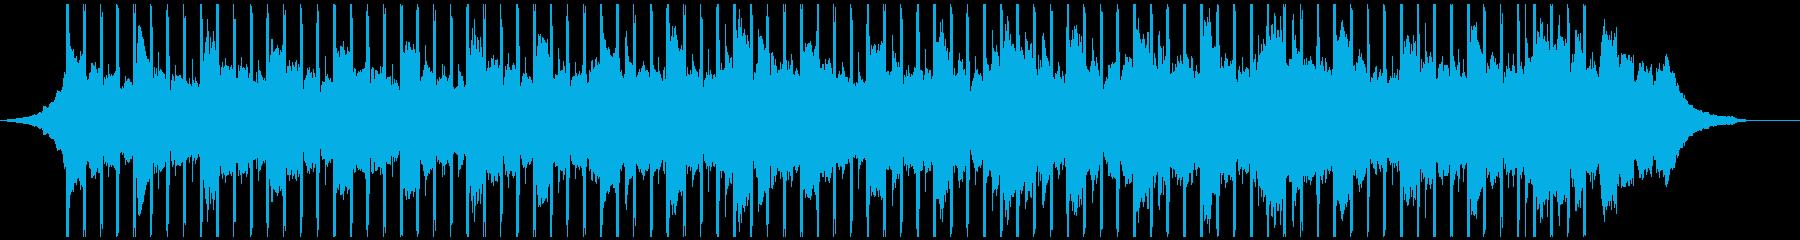 企業の高揚(60秒)の再生済みの波形